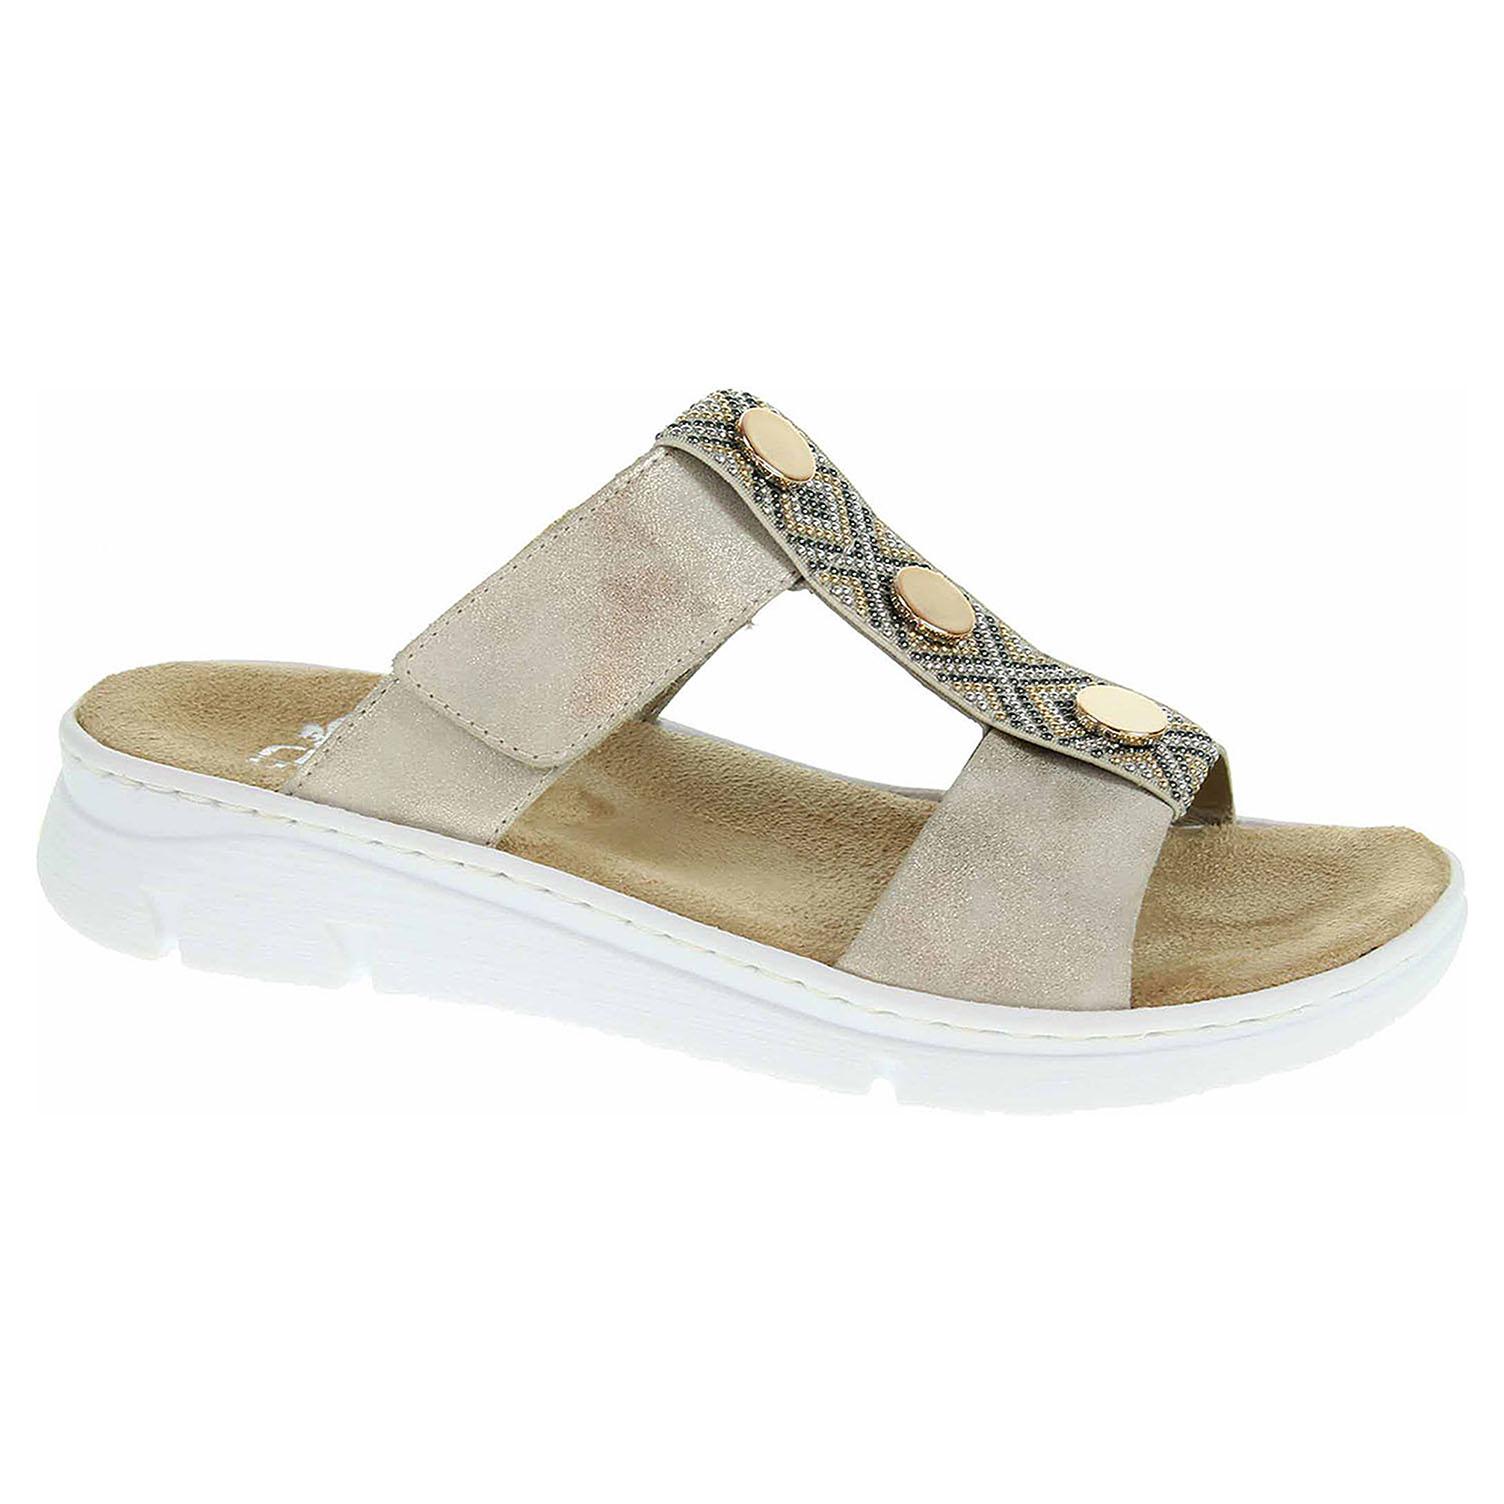 f5eec12c9d49 Ecco Dámské pantofle Rieker 65380-60 beige 23600893